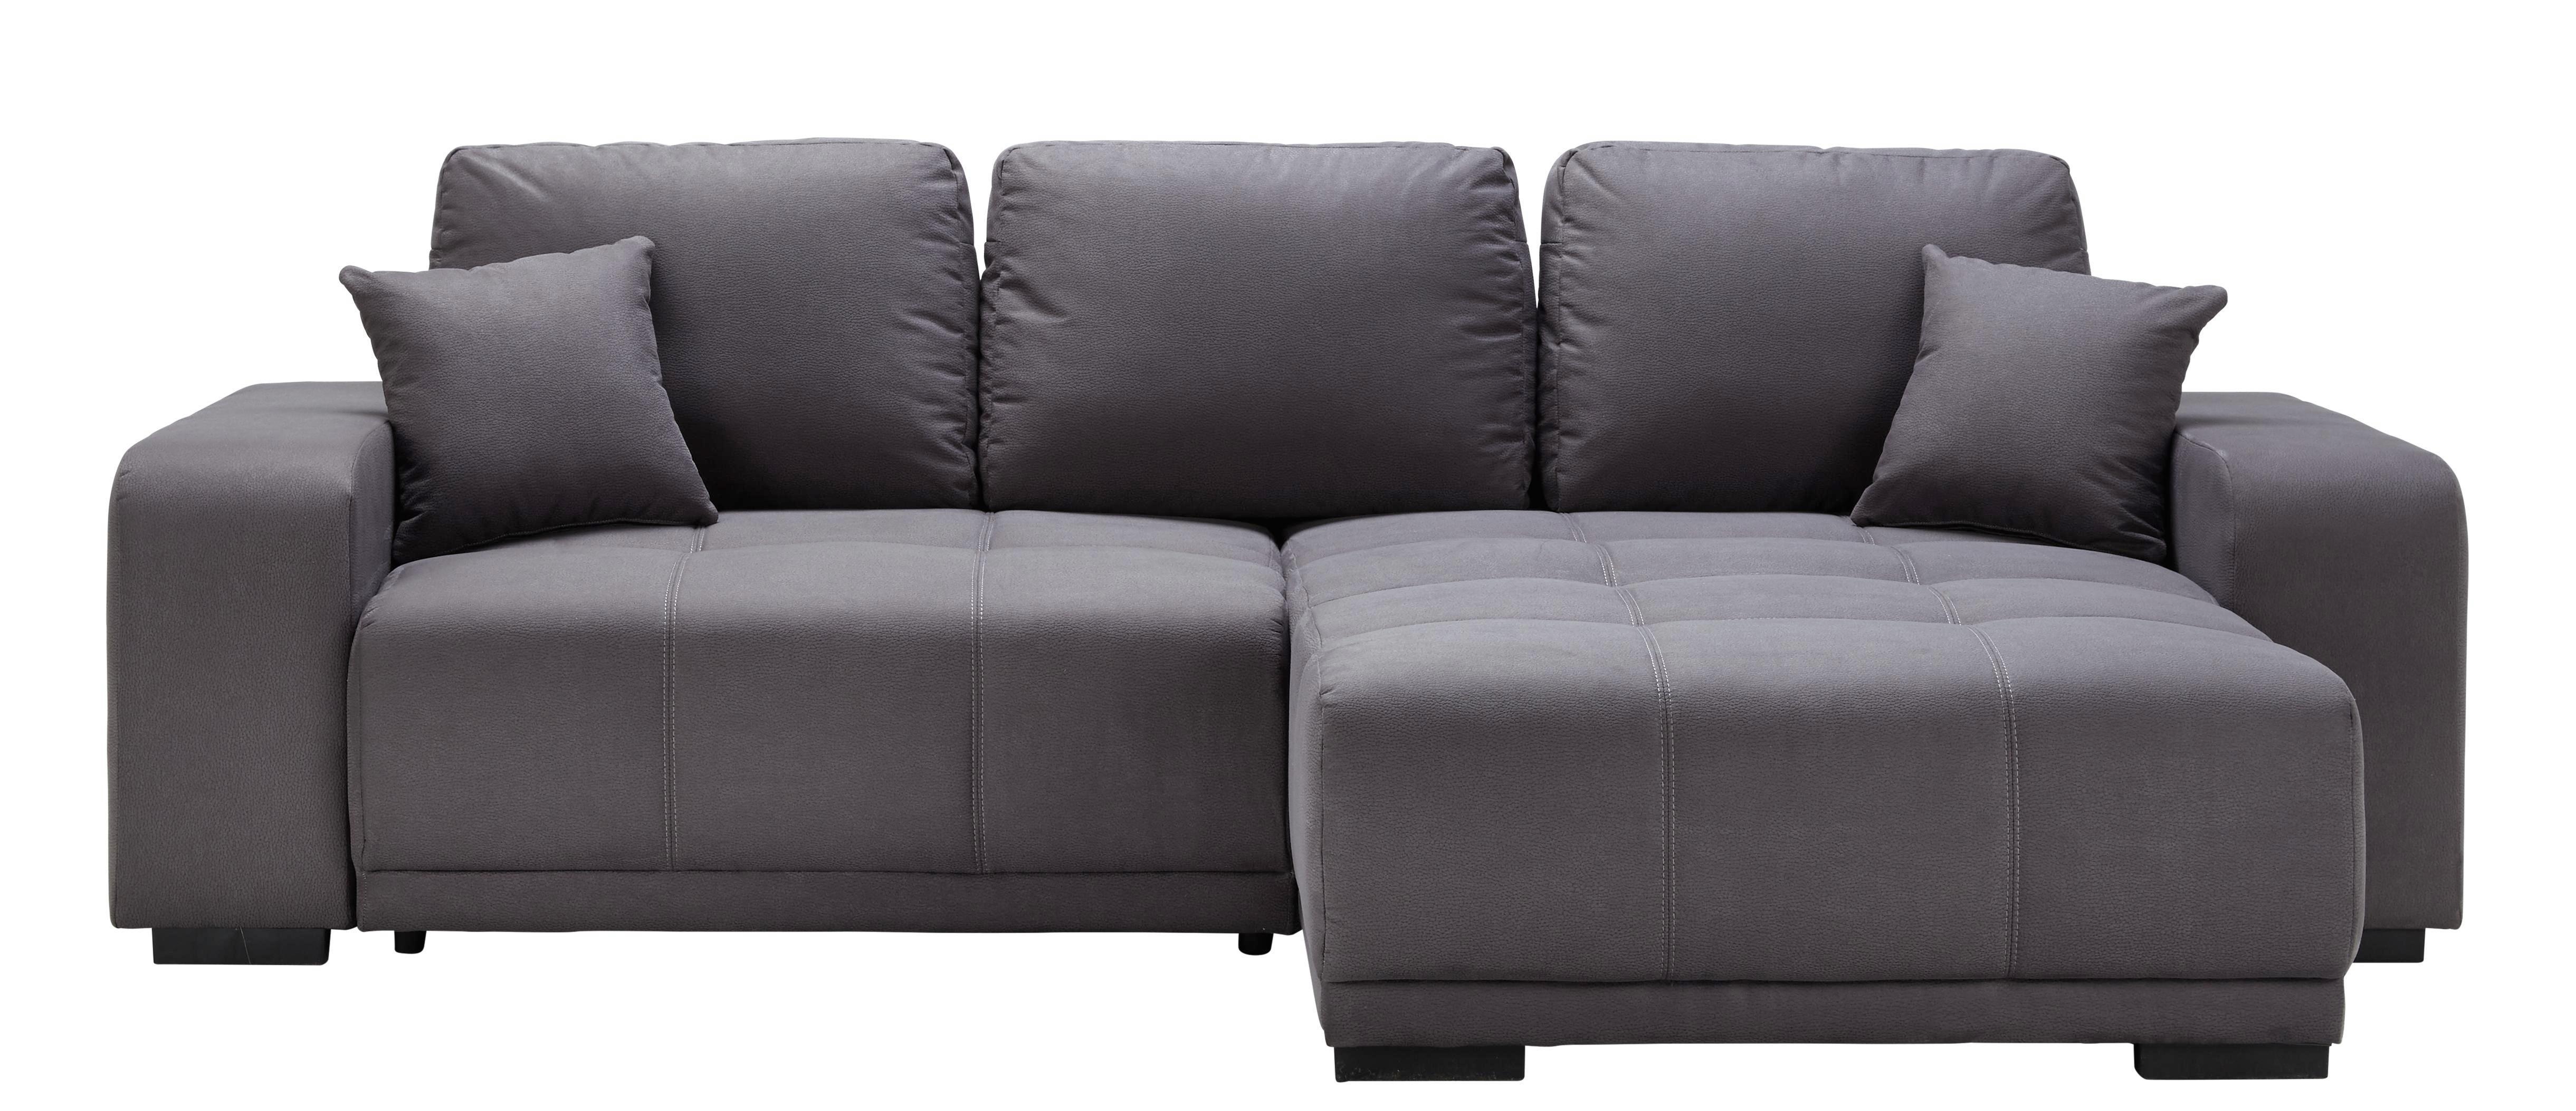 Schön Big sofa Kolonialstil Ideen